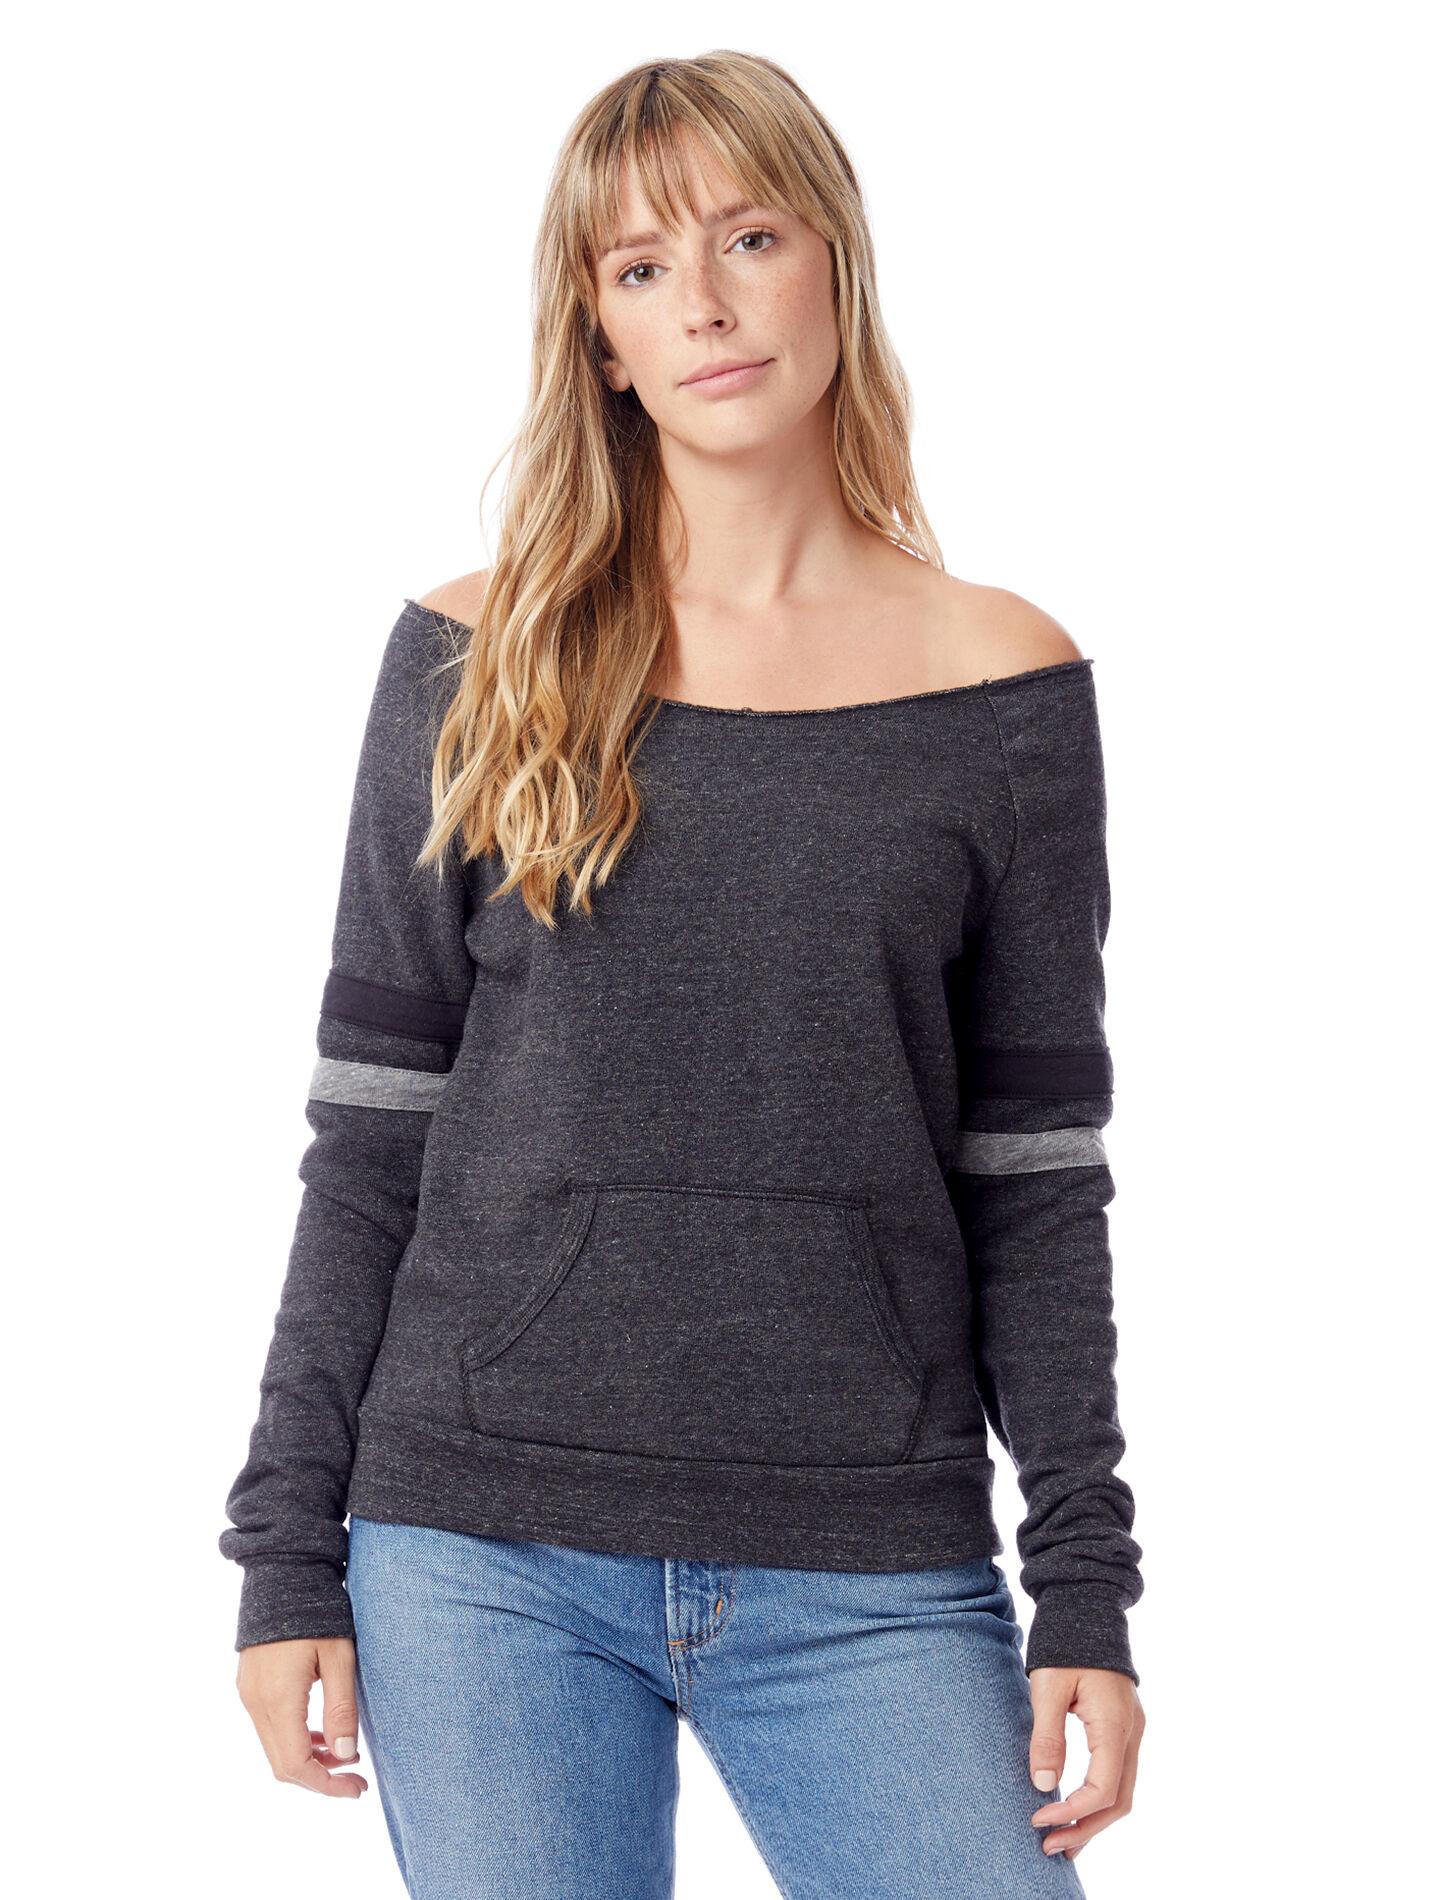 Alternative Apparel Maniac Sport Eco-Fleece Sweatshirt - Eco Black - Size: XL